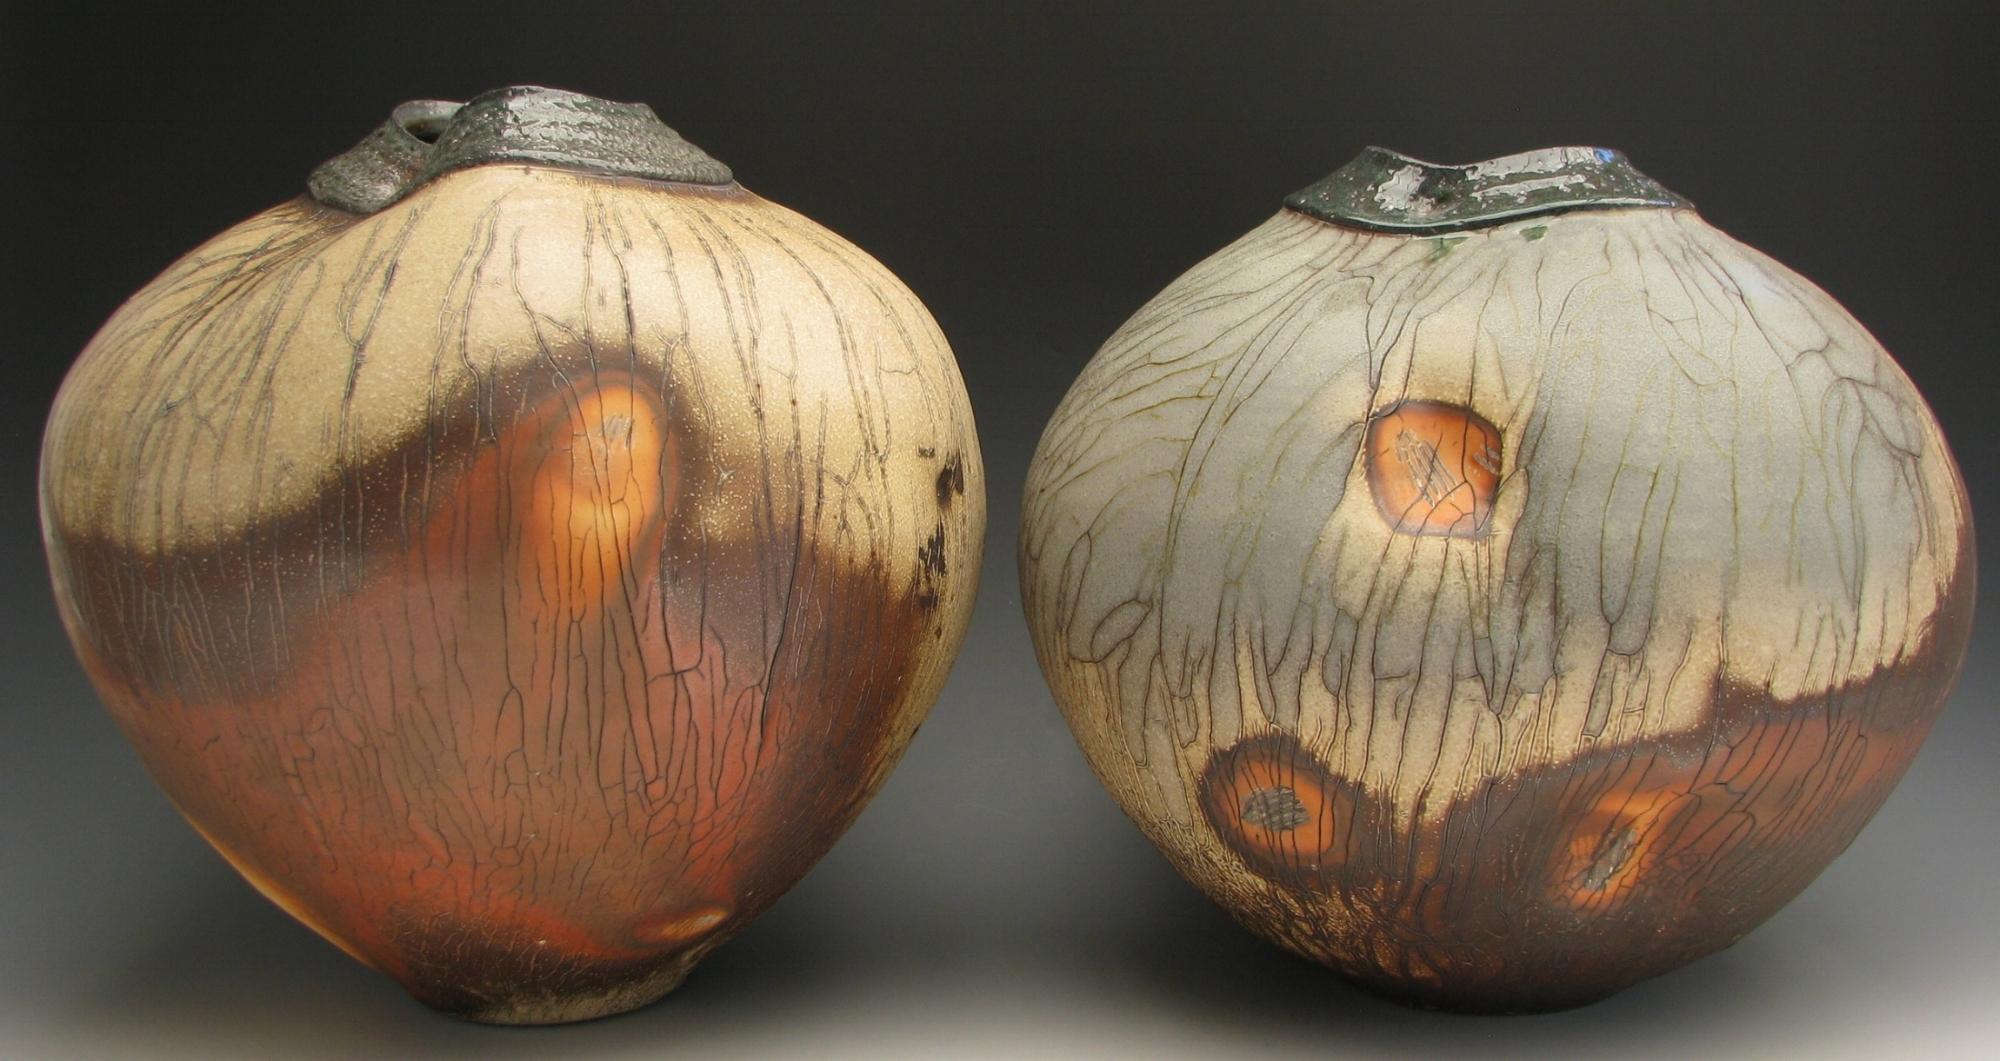 Globe Jars